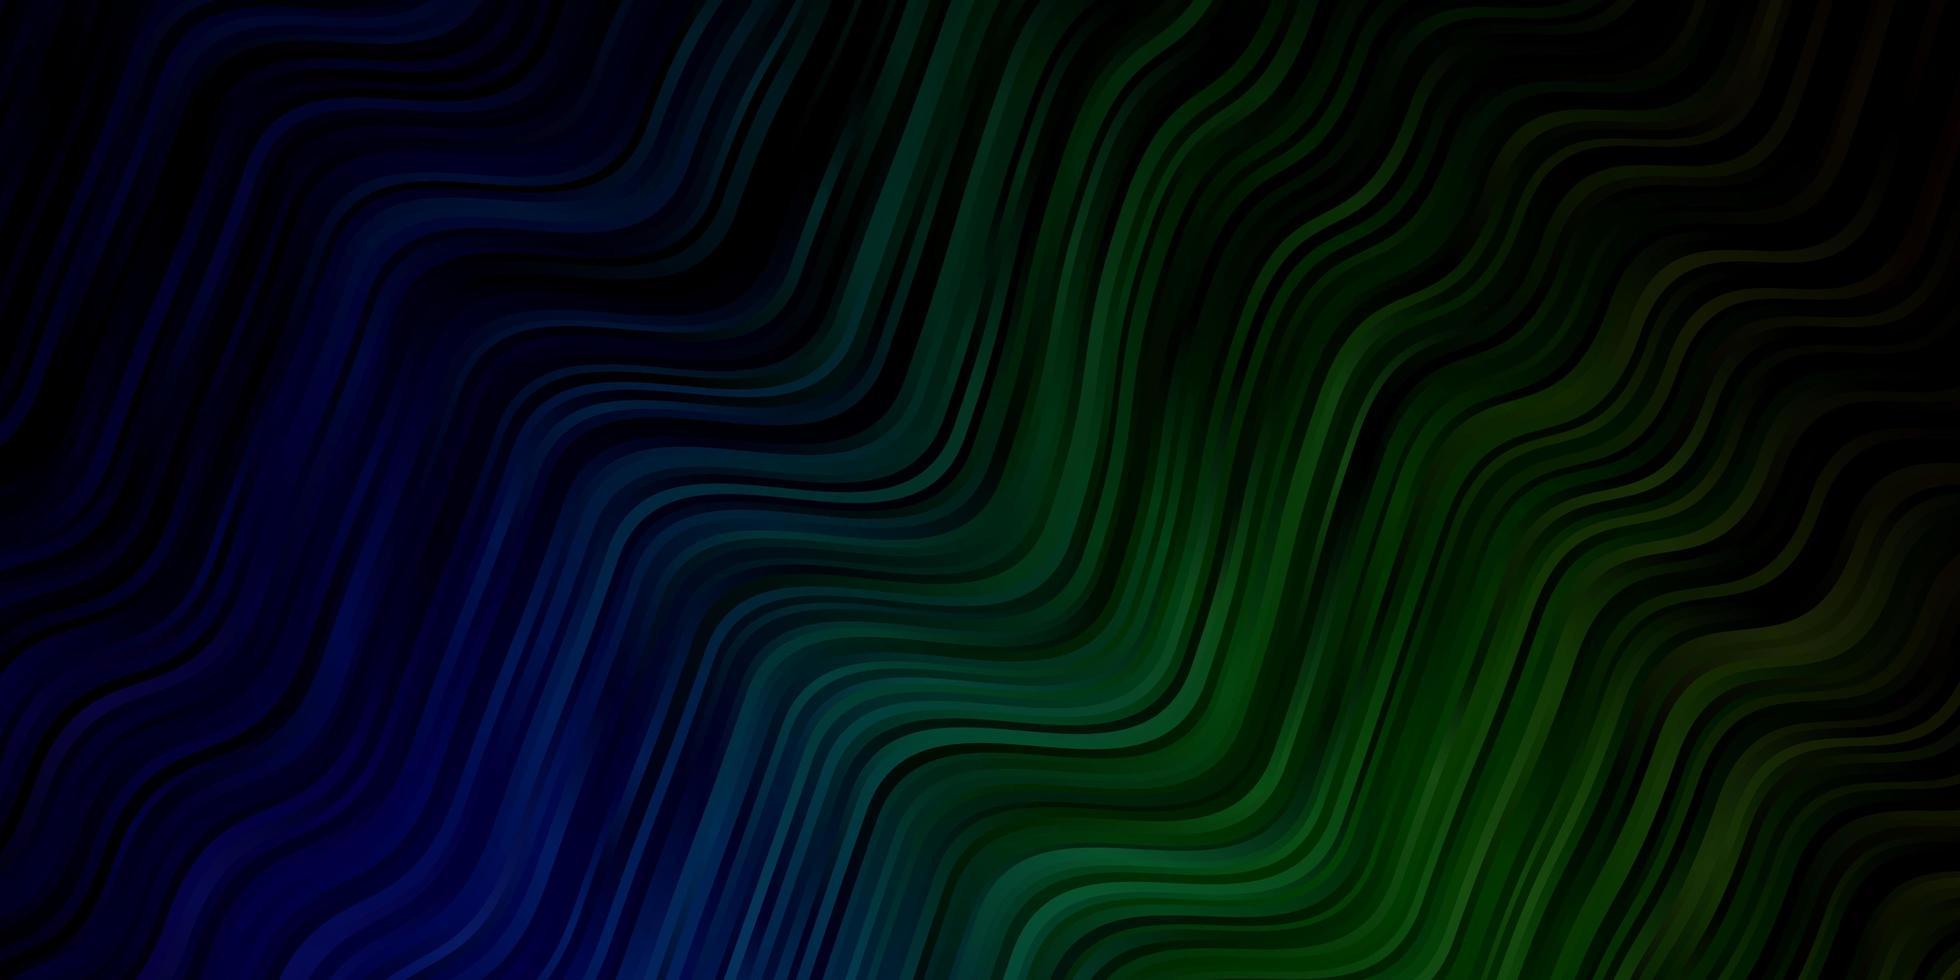 motif bleu et vert avec des lignes ironiques. vecteur